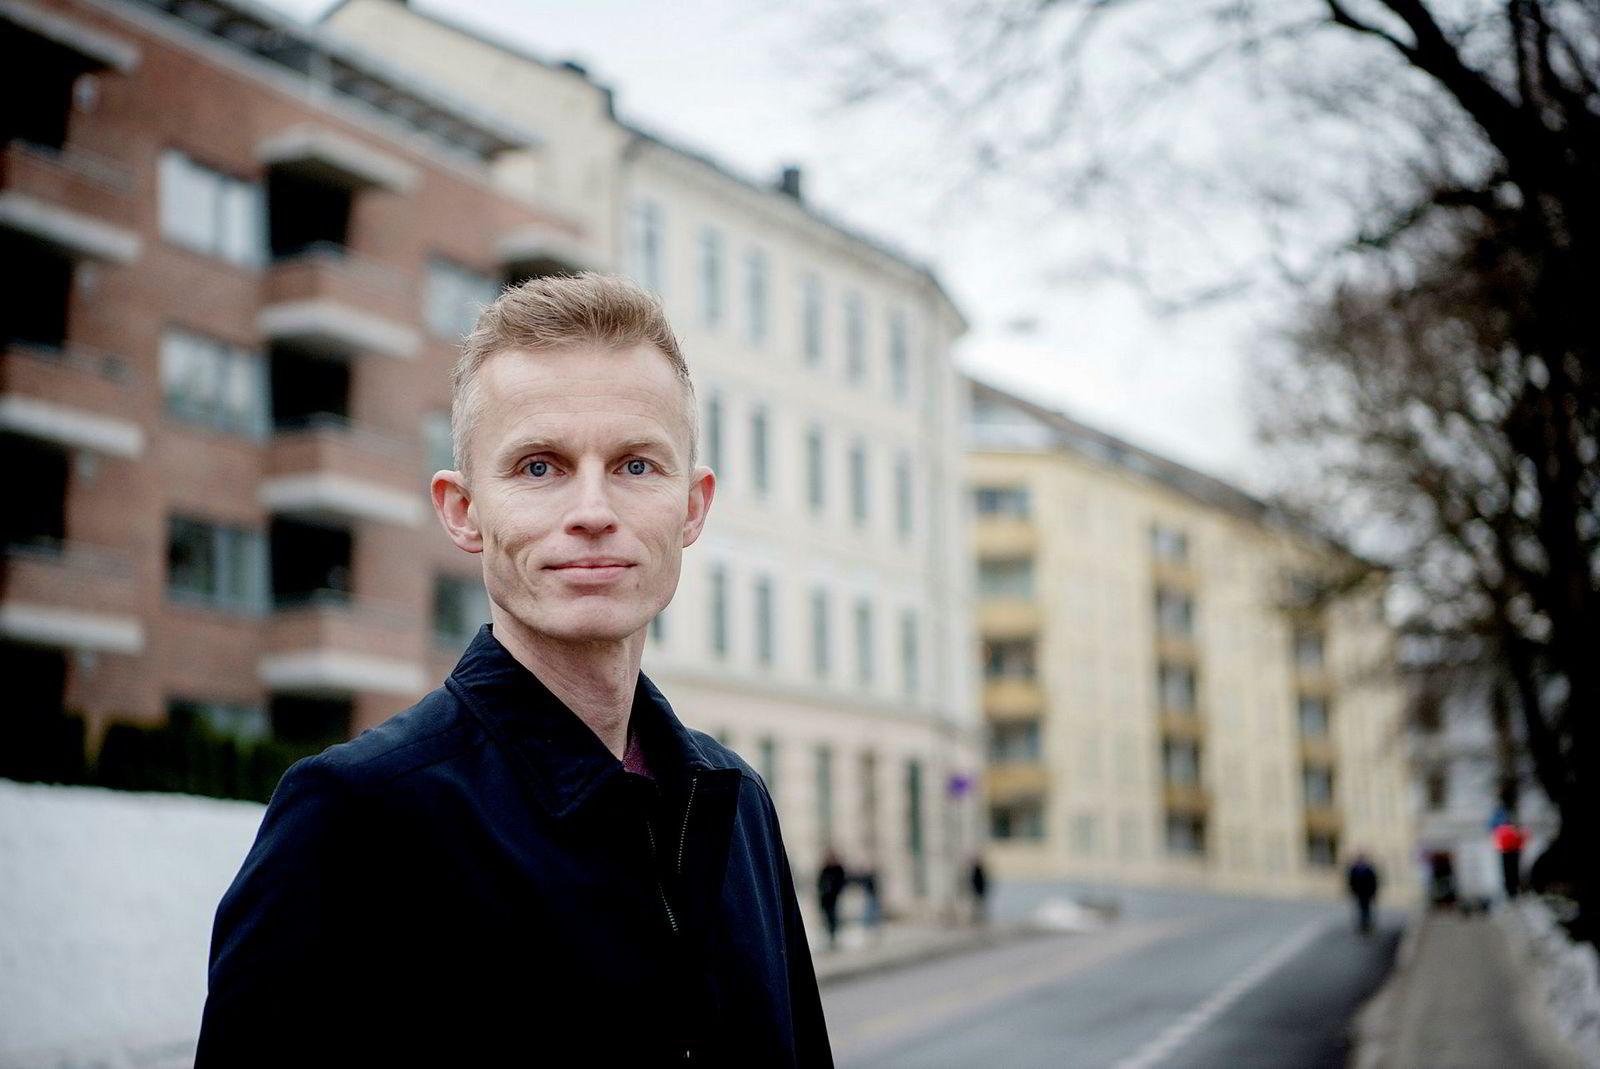 Sjeføkonom Andreas Benedictow i Samfunnsøkonomisk analyse tror lav boligprisvekst er like rundt hjørnet.